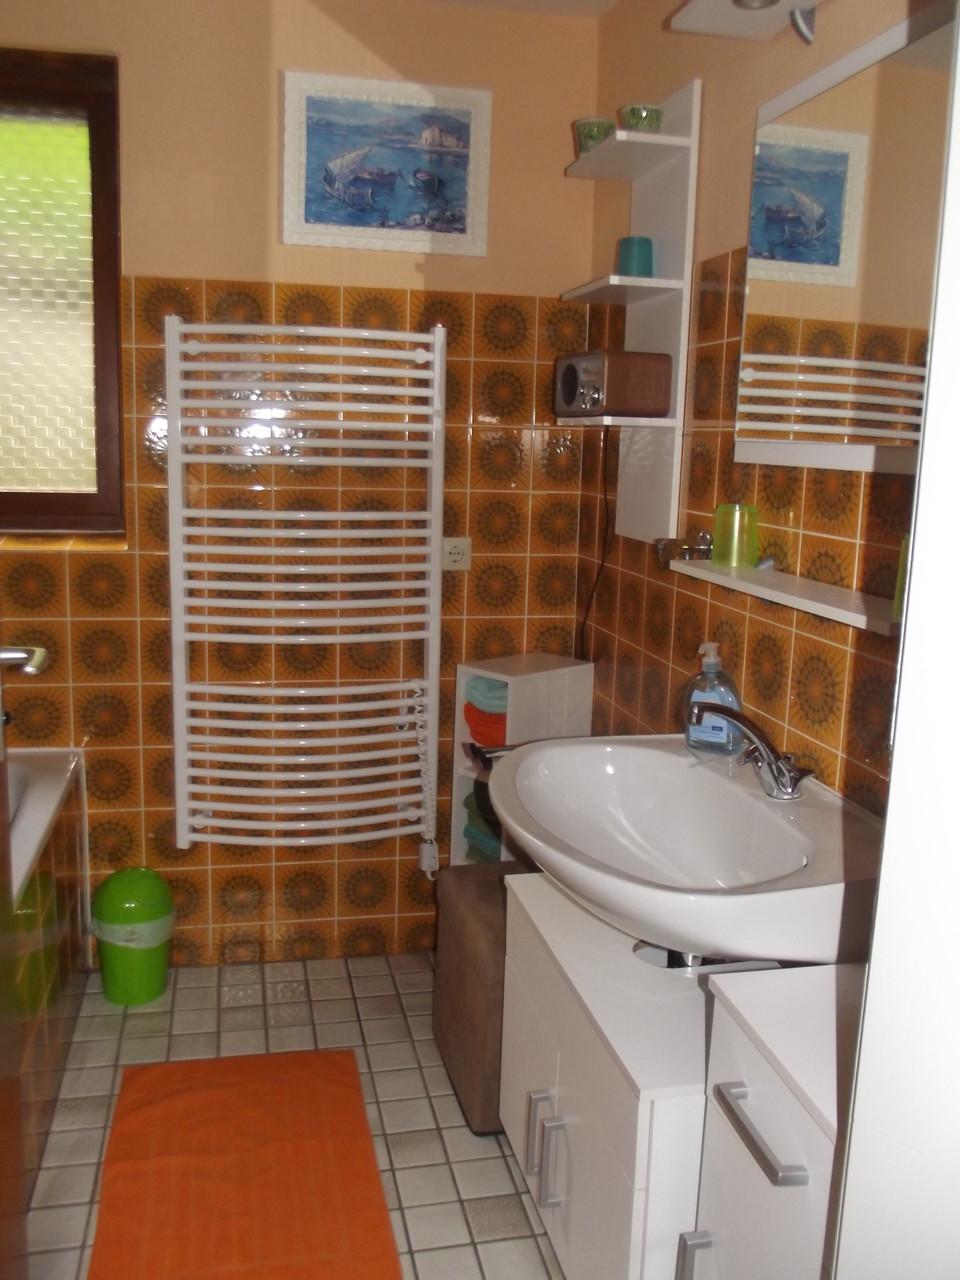 Hauptwohnung Parterre: Bad/Waschplatz